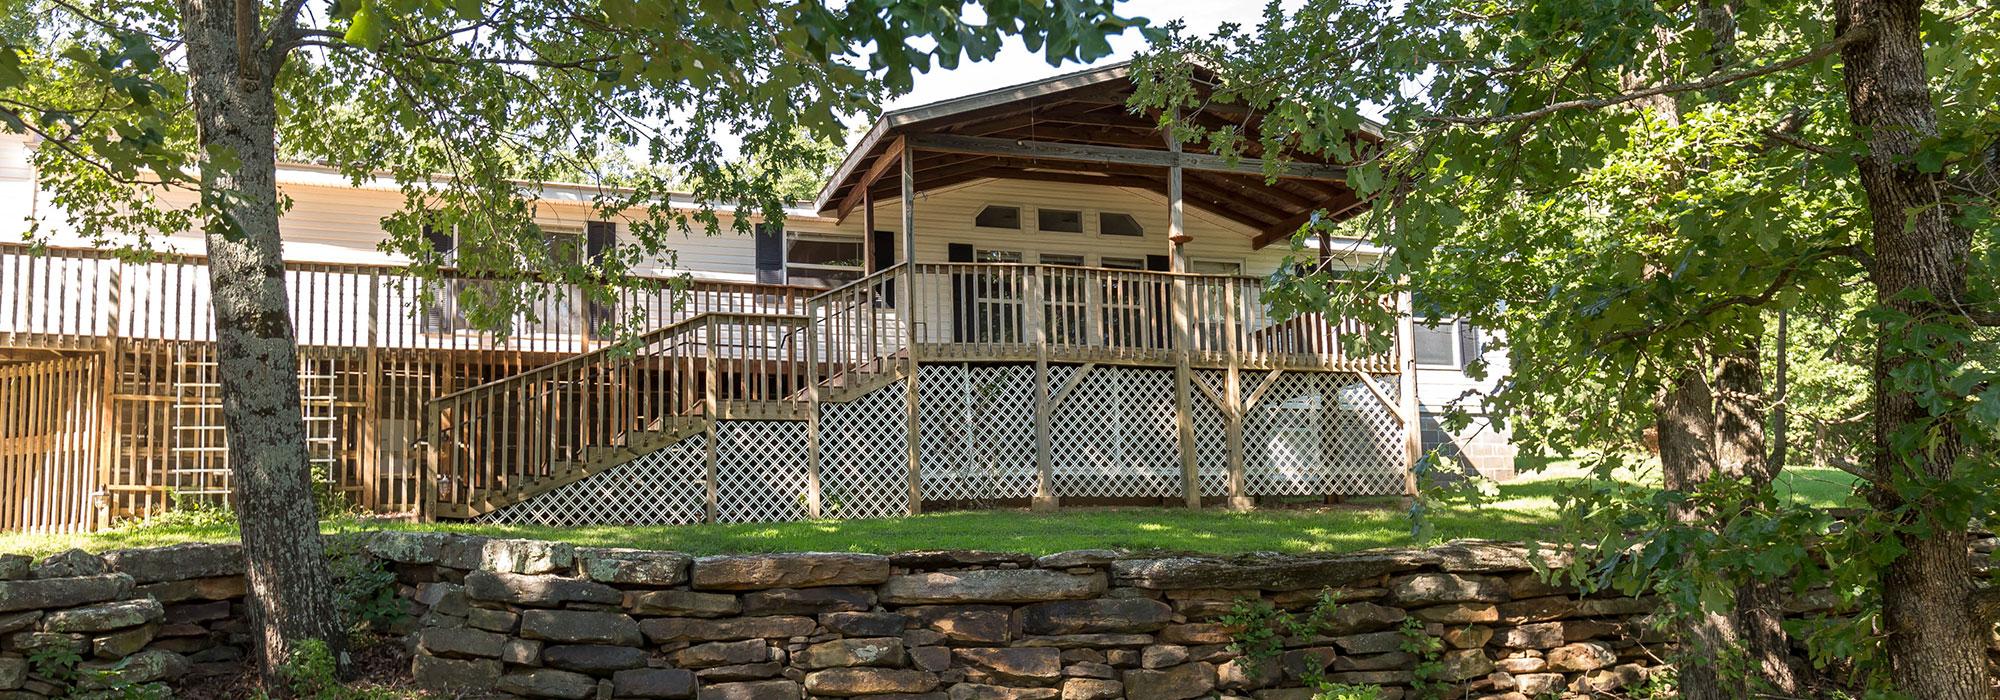 13240 E Wallin Mountain Rd, West Fork, AR 72774